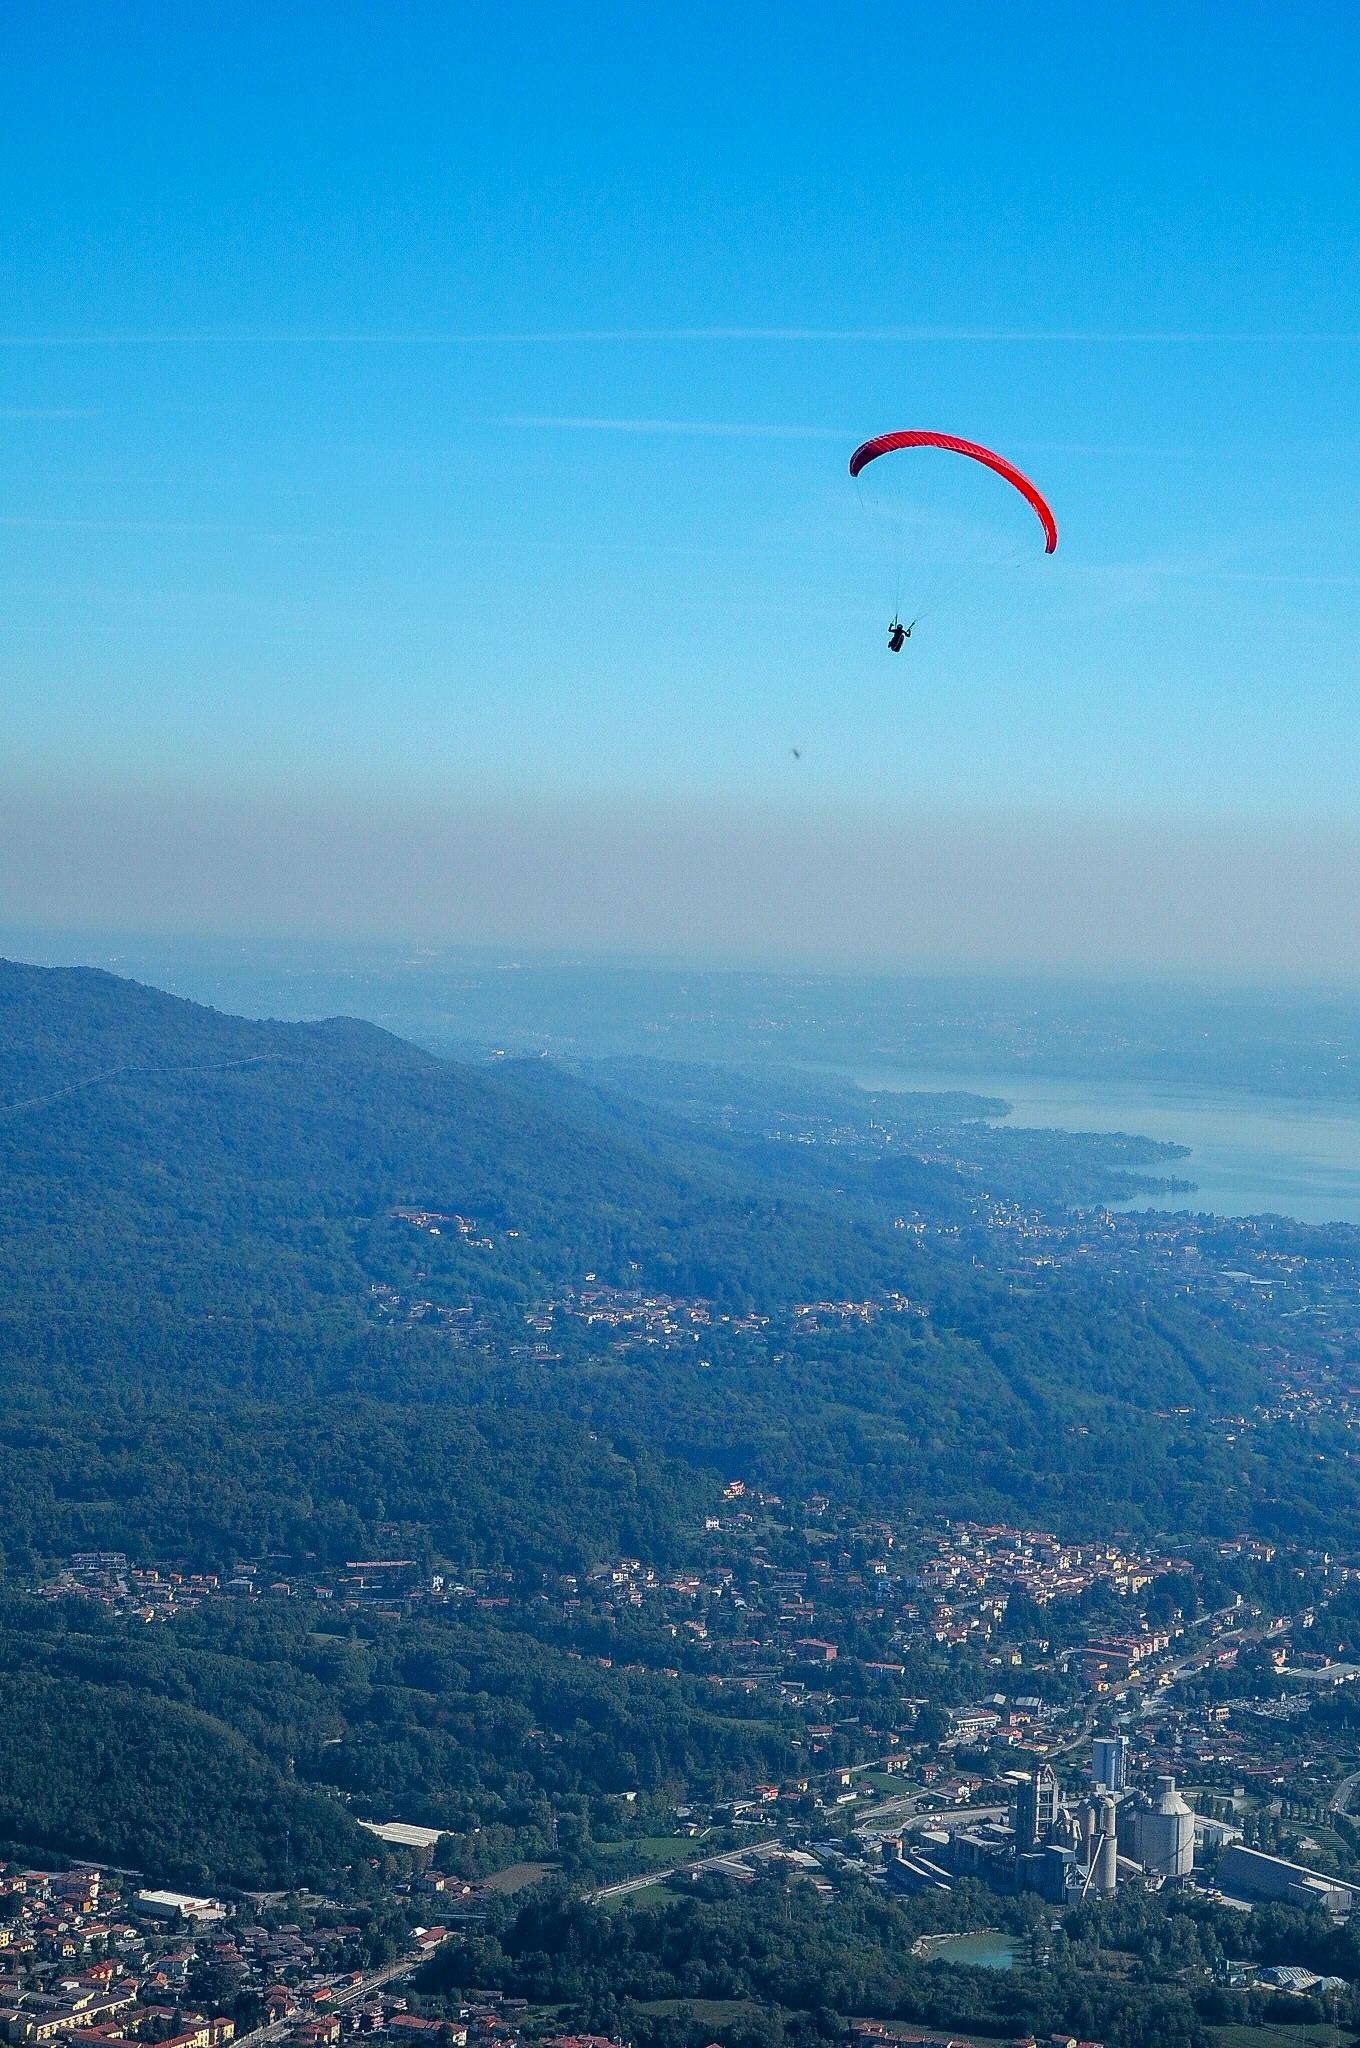 Picturesque paragliding scenes over Lake Maggiore